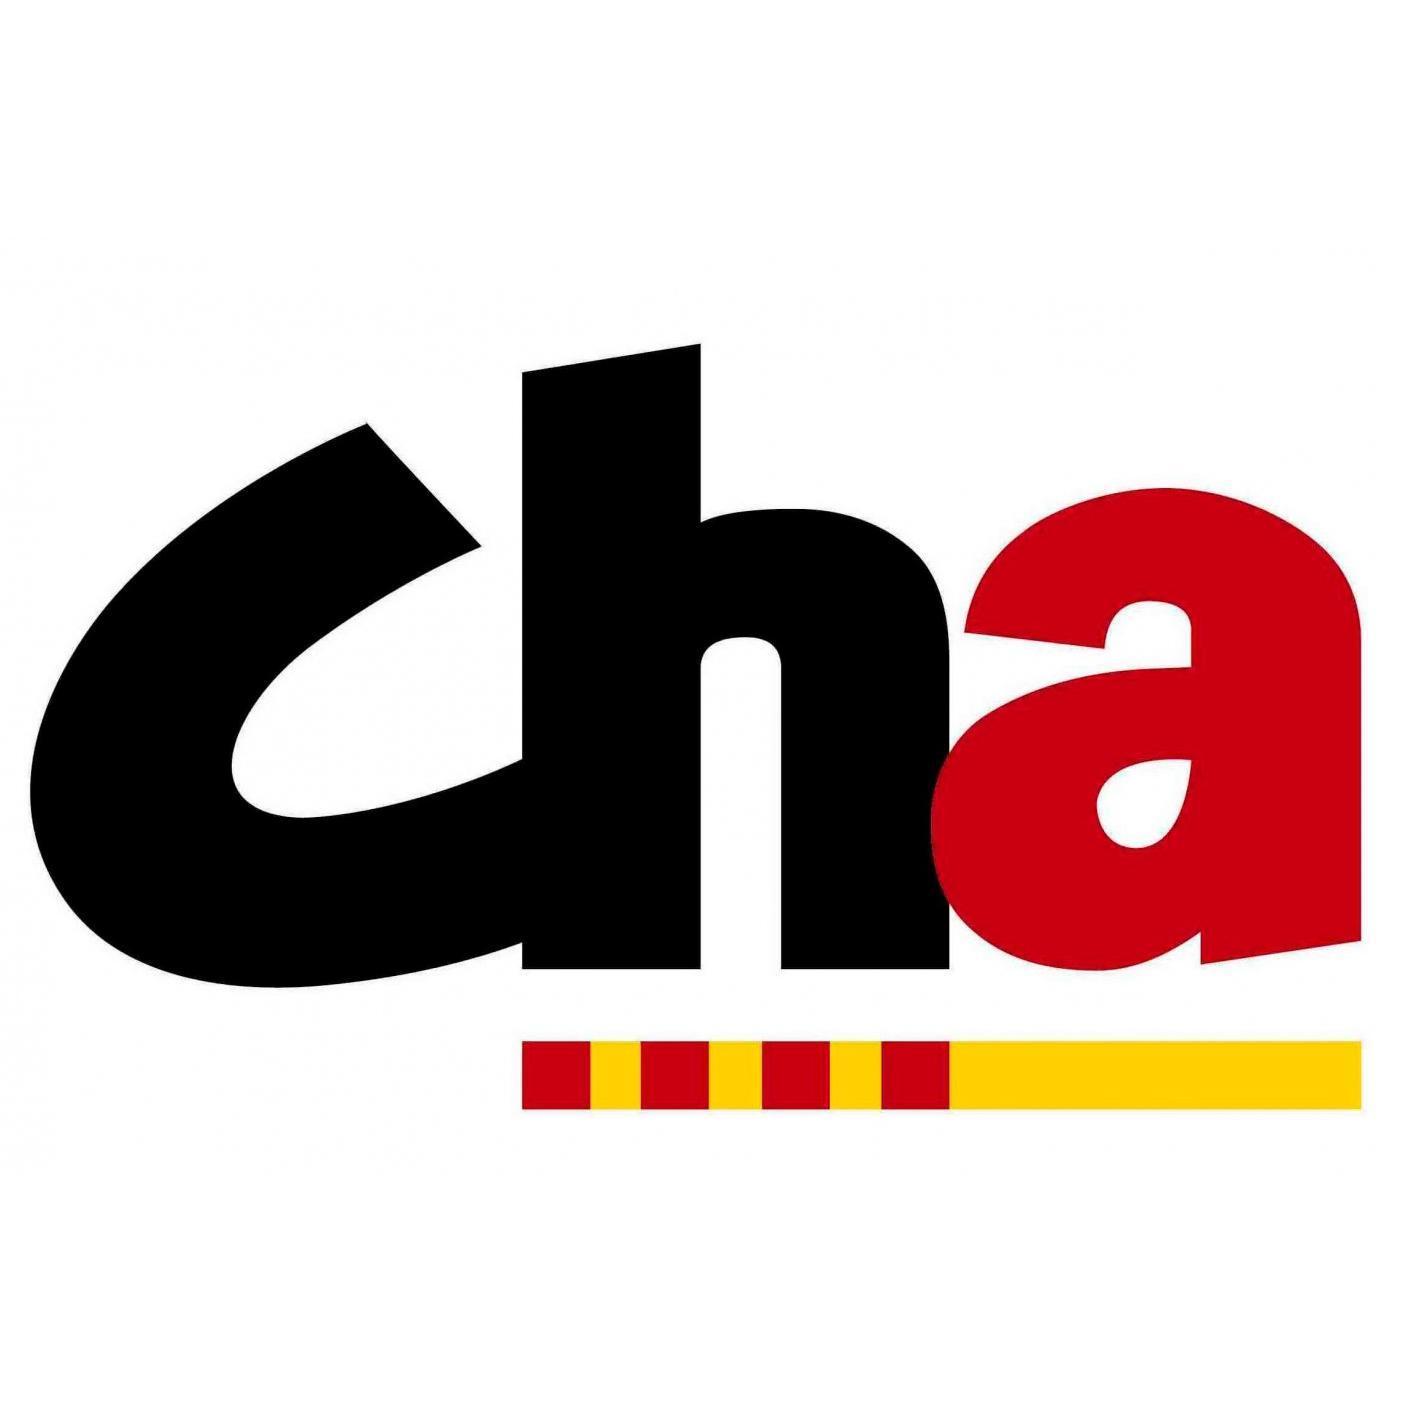 CHA JACETANIA (@ChaJacetania).